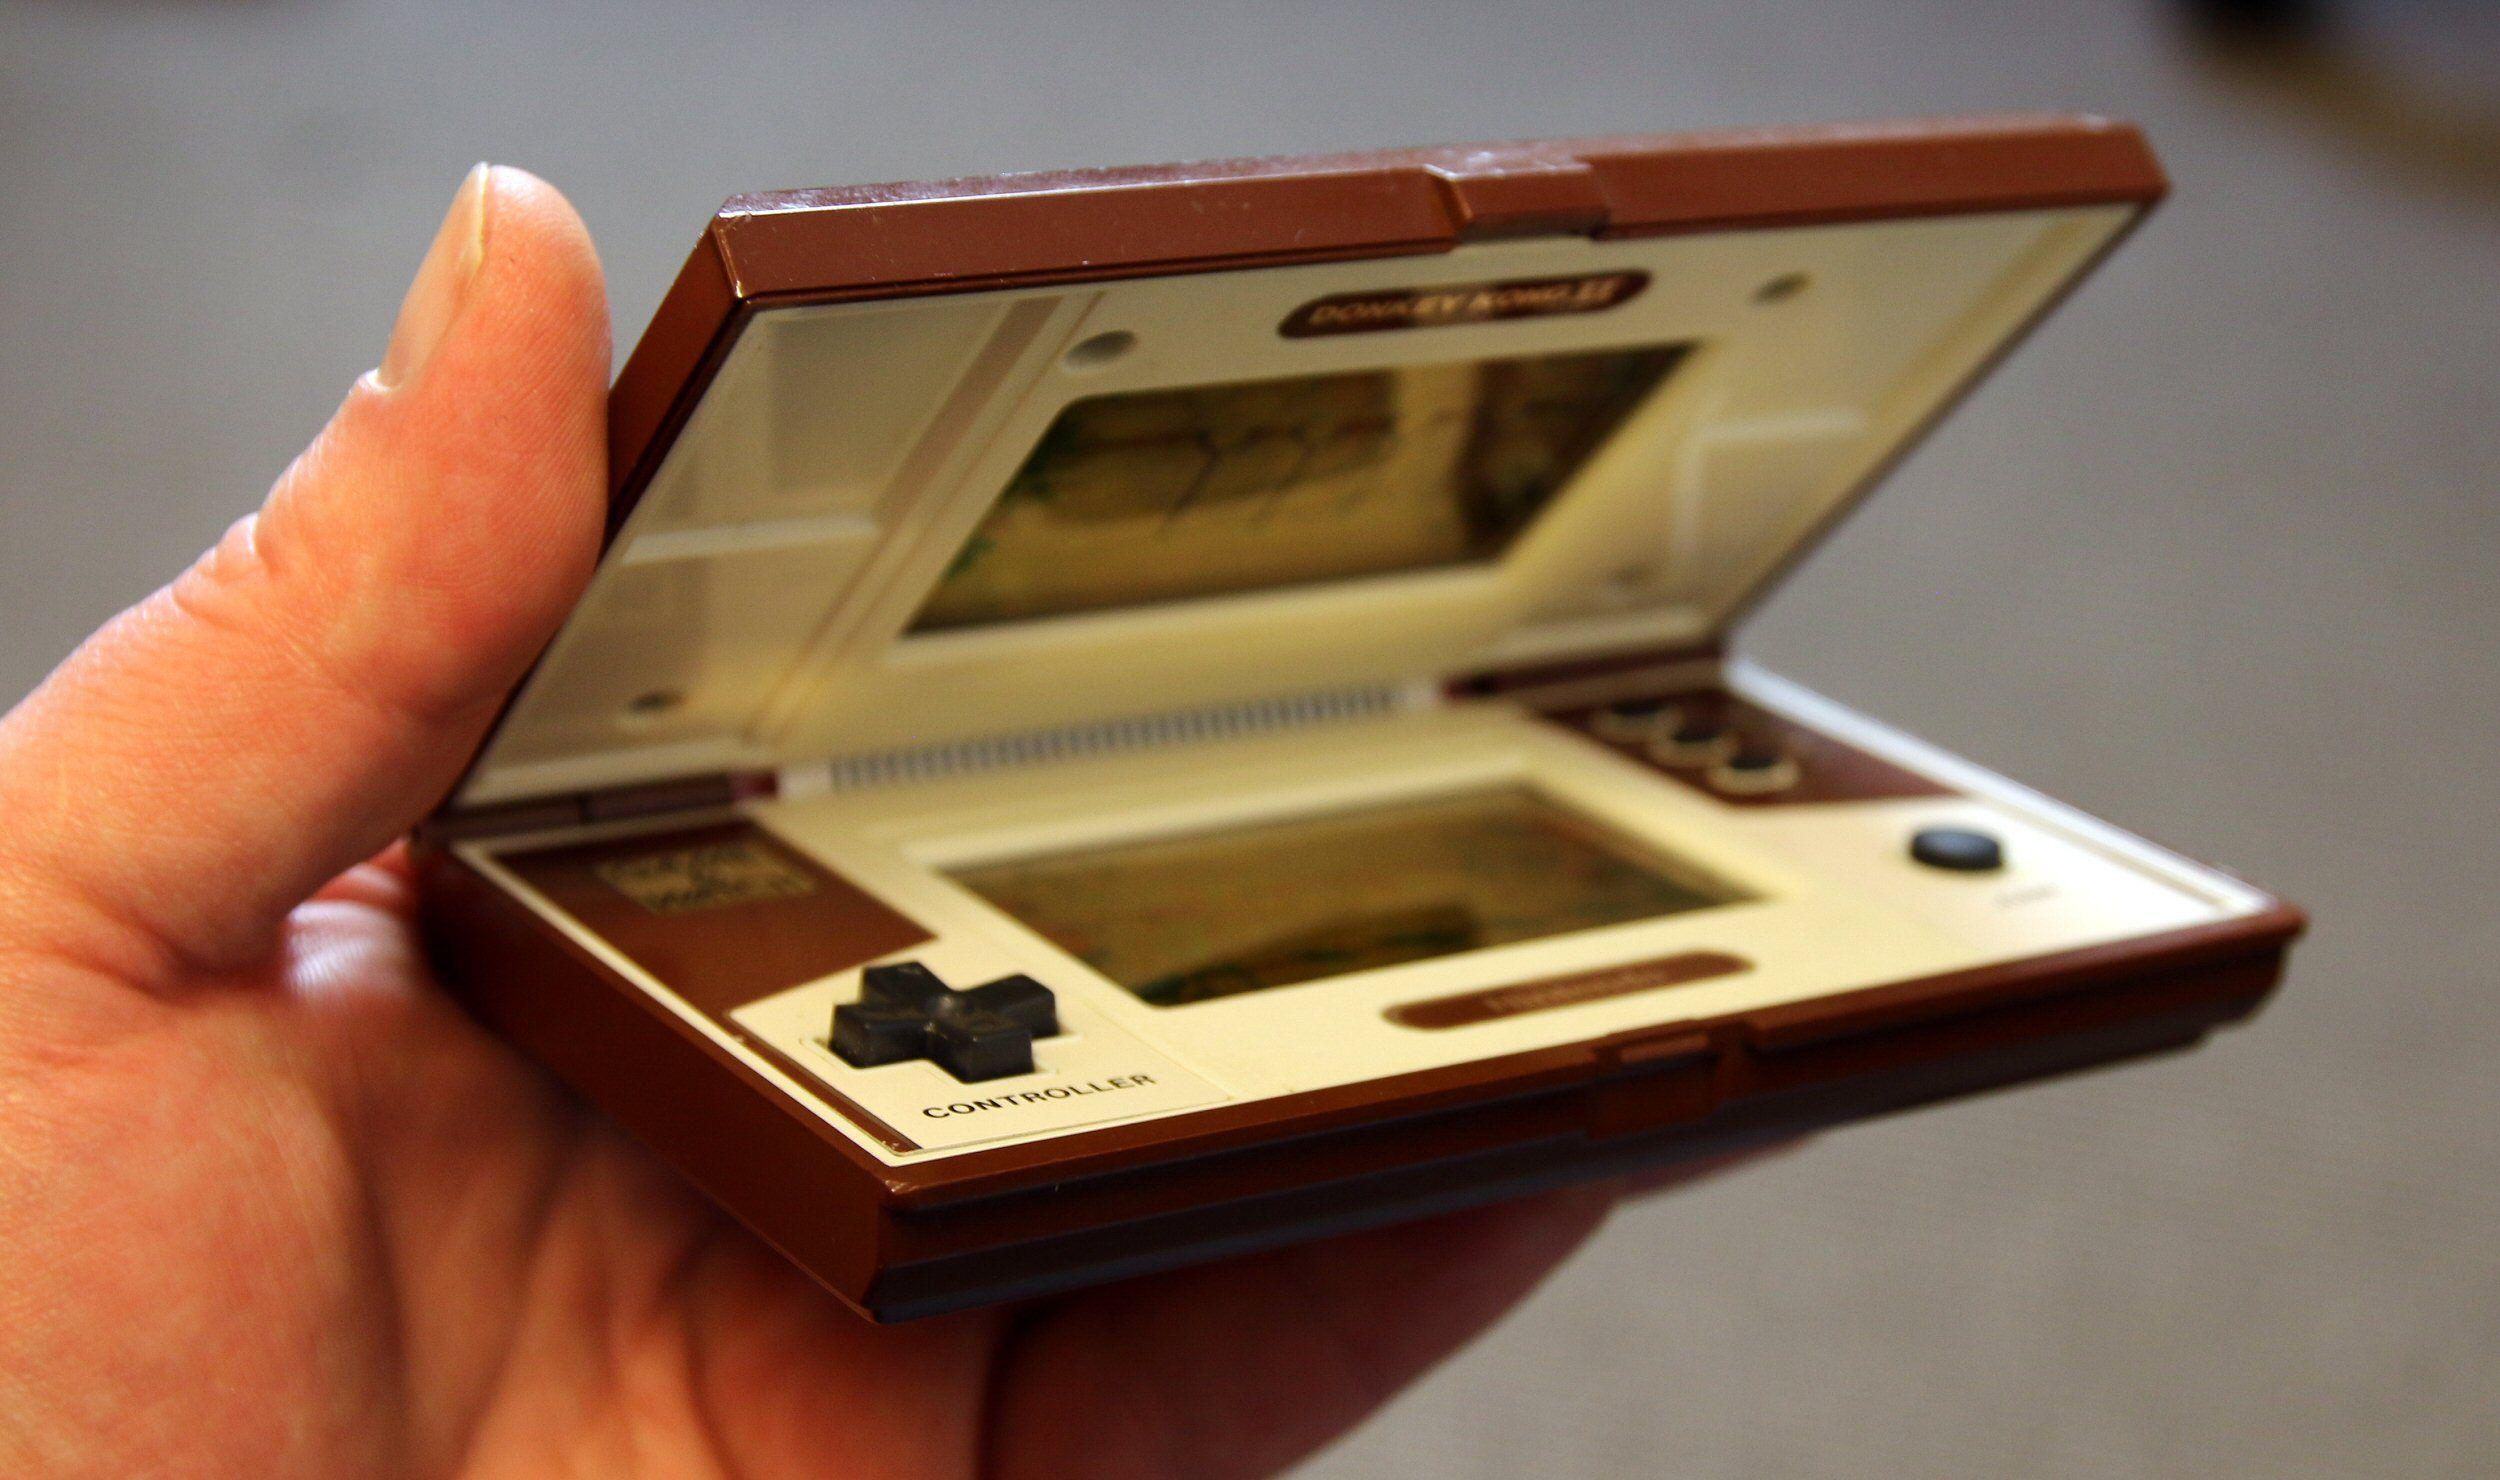 Nintendos velkjente styrekors og sammenleggbare formfaktor. Spillet er Donkey Kong II. Foto: Vegar Jansen, Tek.no